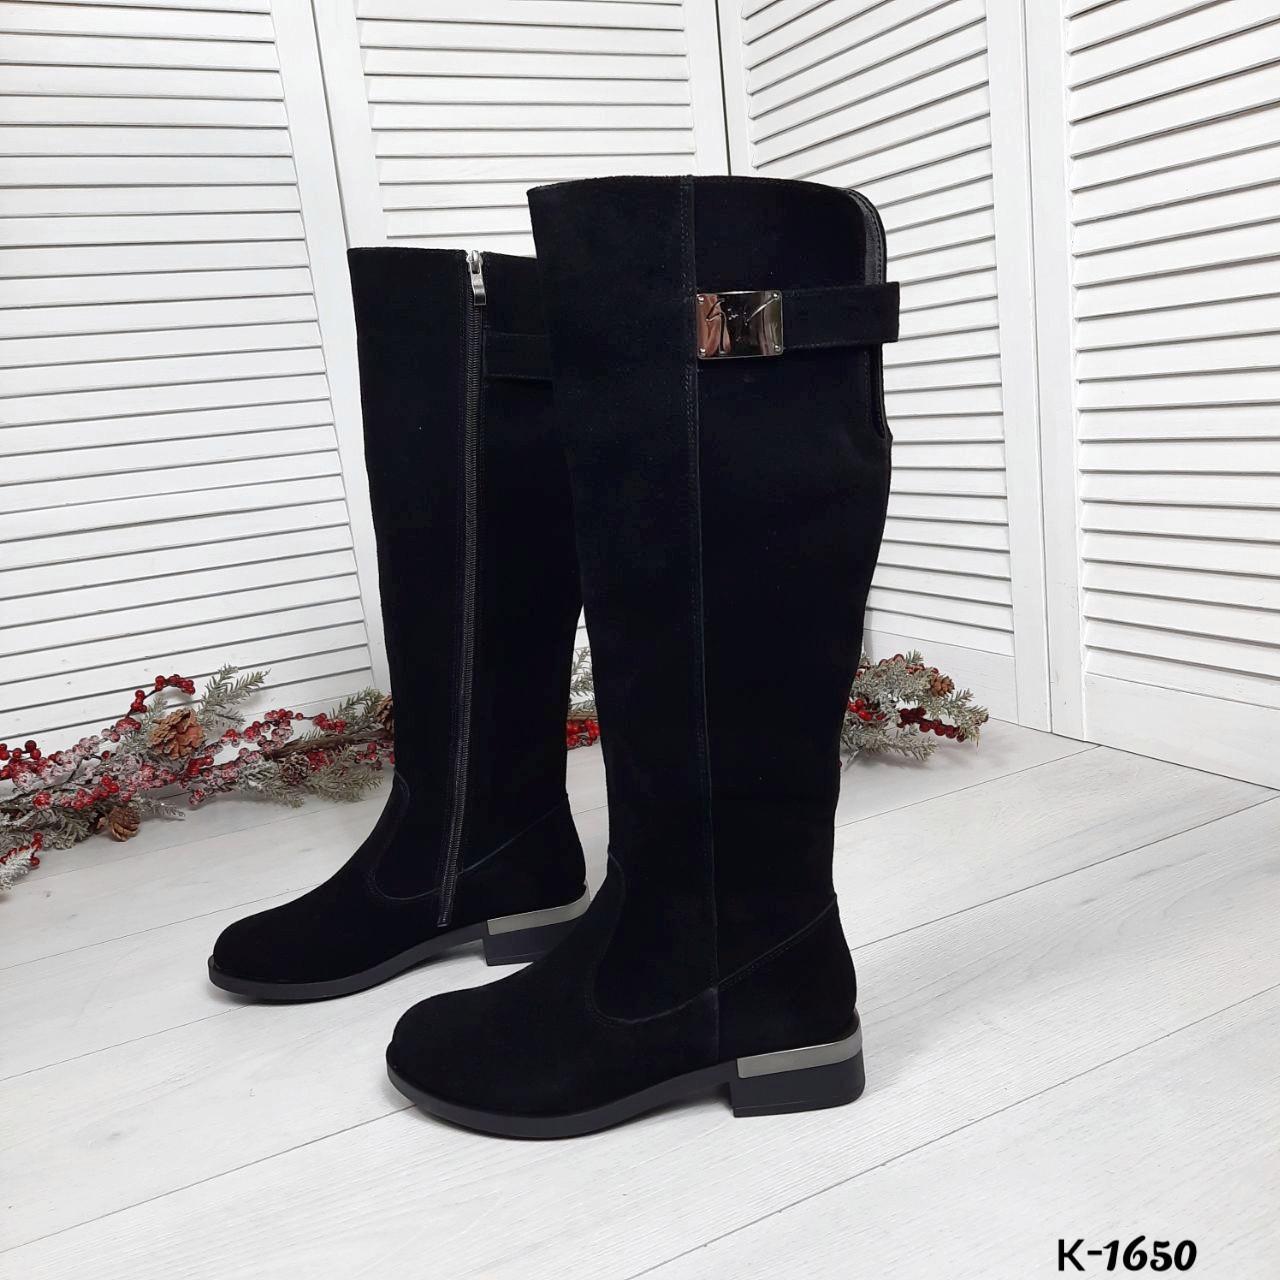 Зимние женские сапоги черного цвета, натуральная замша ( в наличии и под заказ 7-16 дней)